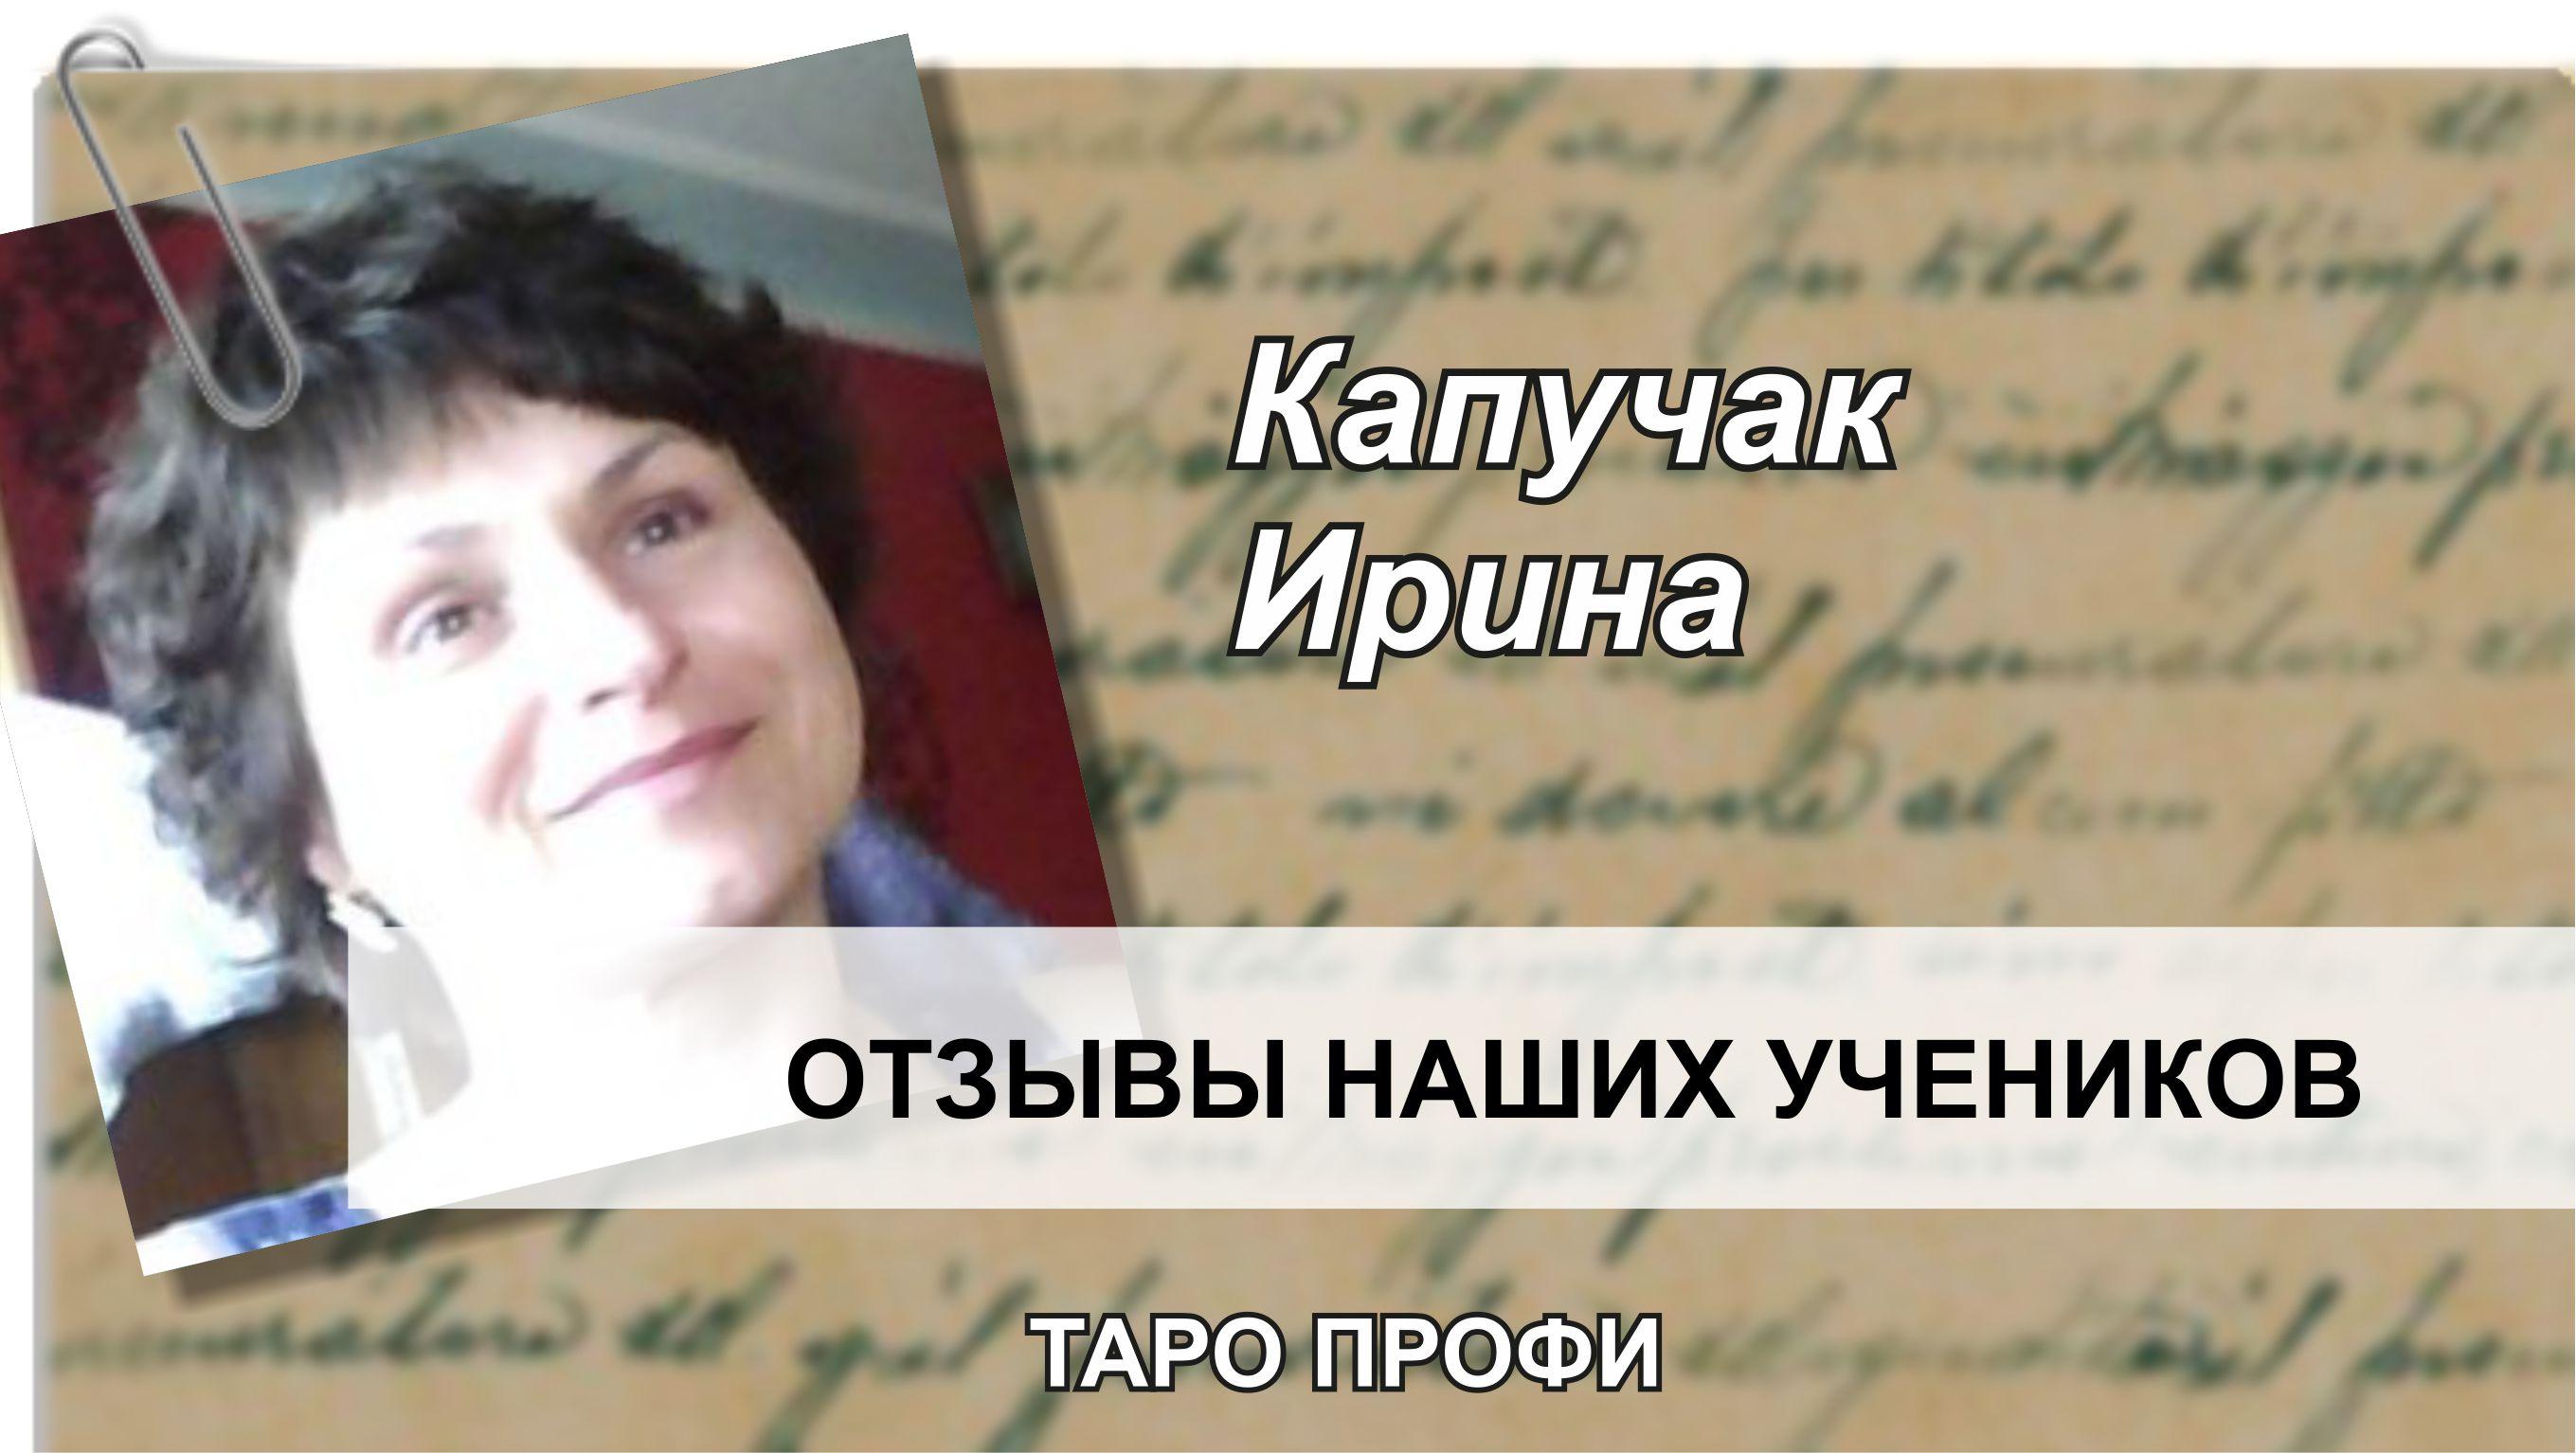 Капучак Ирина отзыв Таро Профи